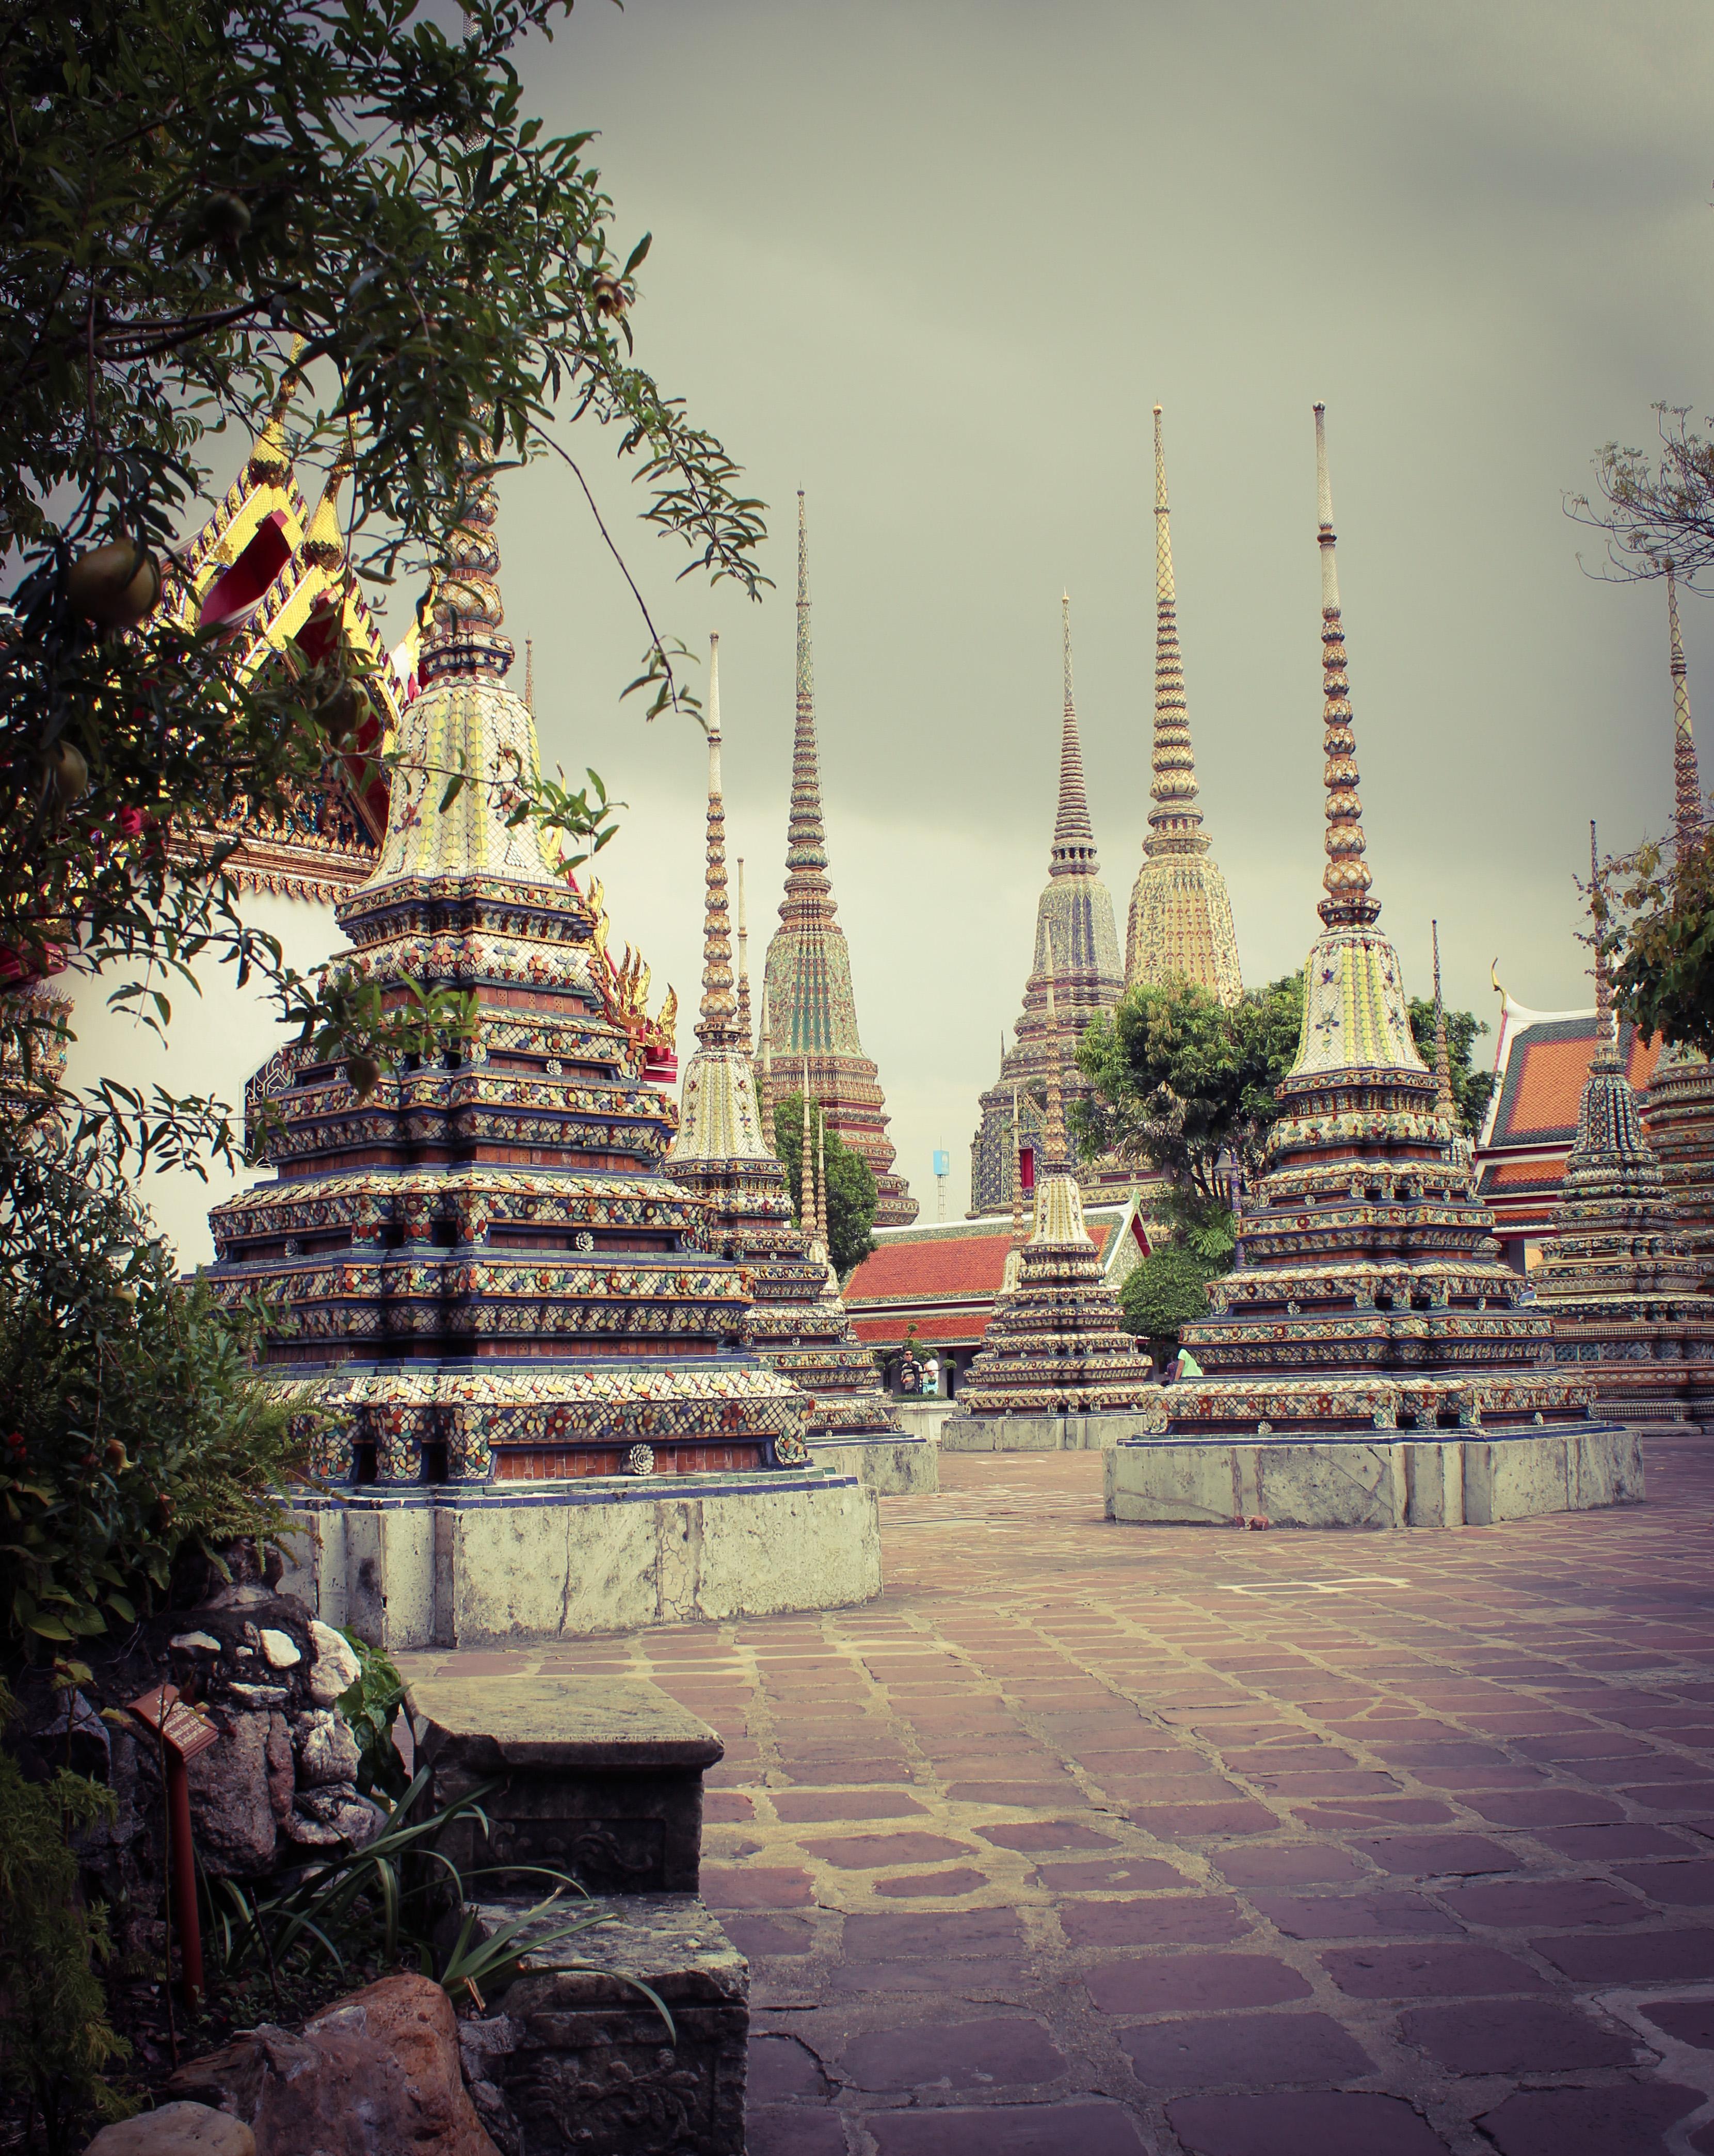 Image du Temple du Bouddha d'or